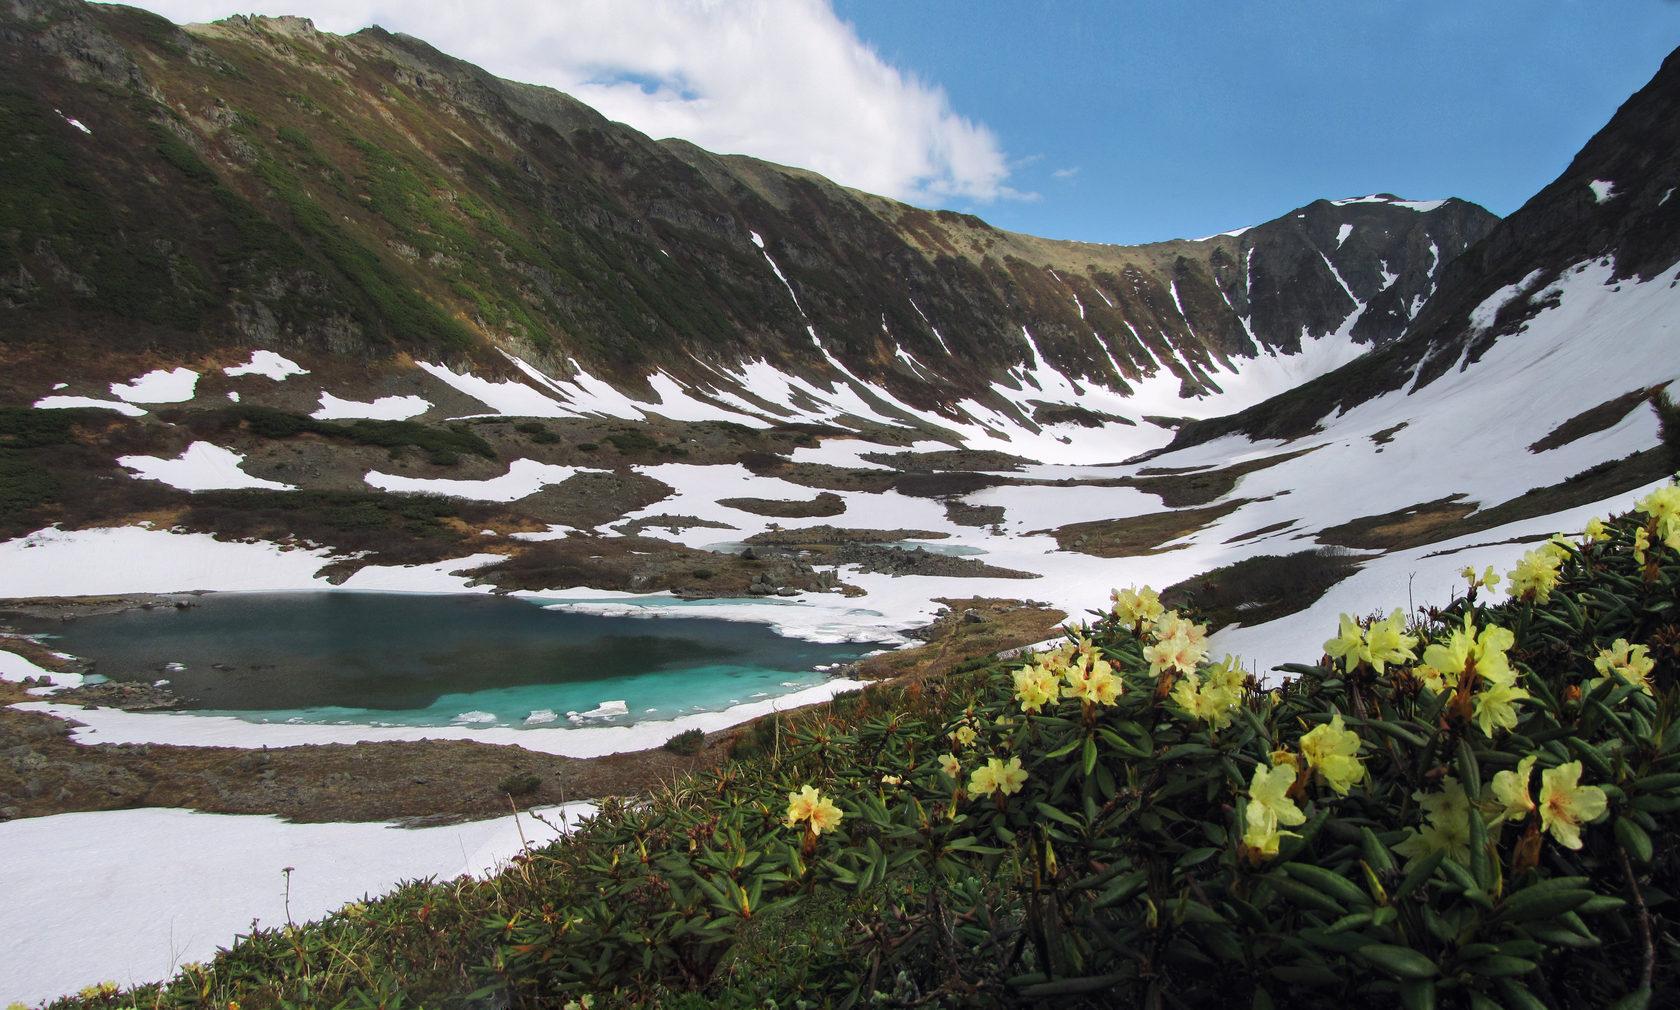 Жёлтые рододендроны на склонах горного цирка. Голубые озера.